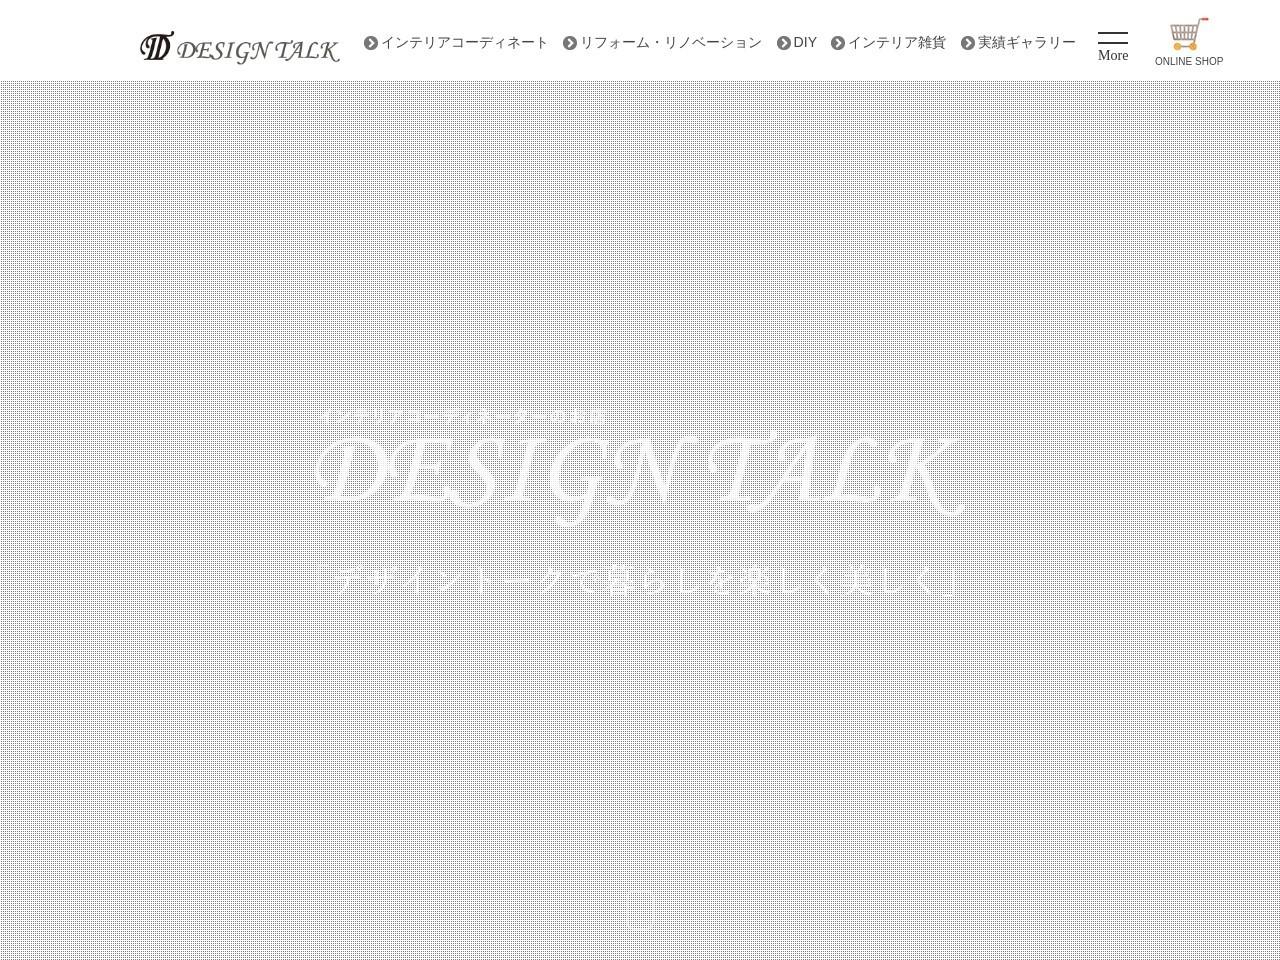 デザイントーク有限会社